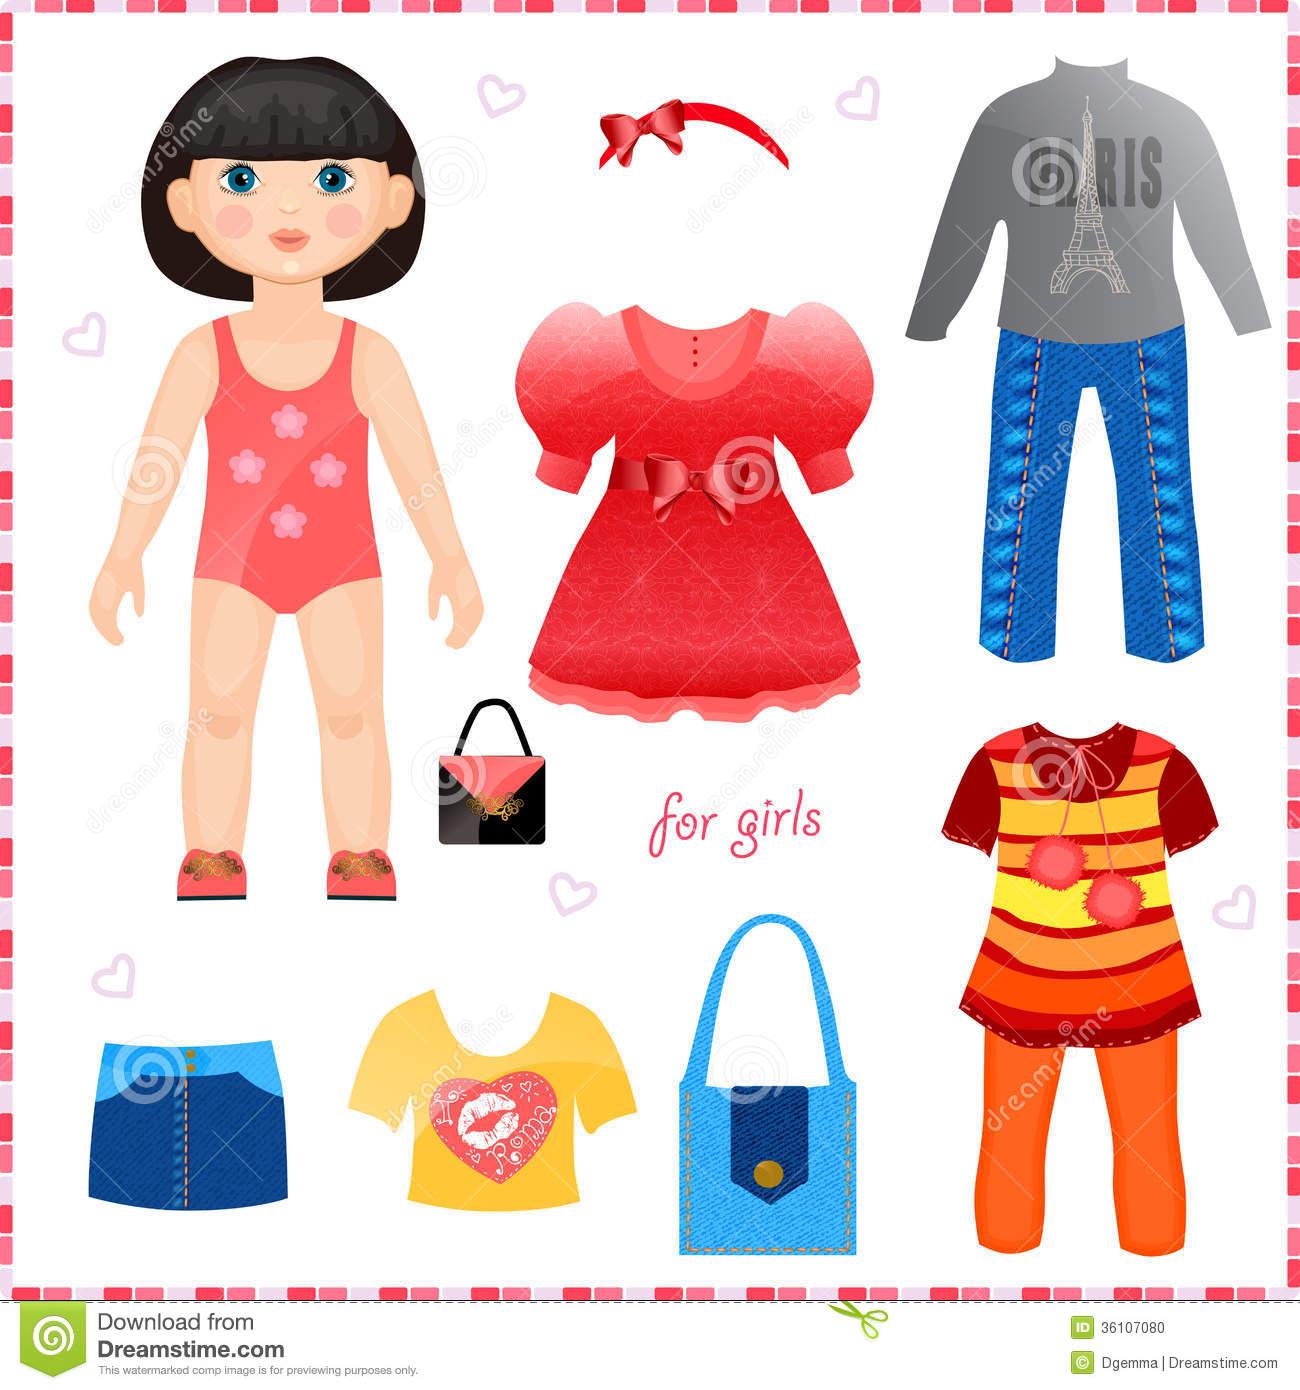 Картинка дитячий одягалки